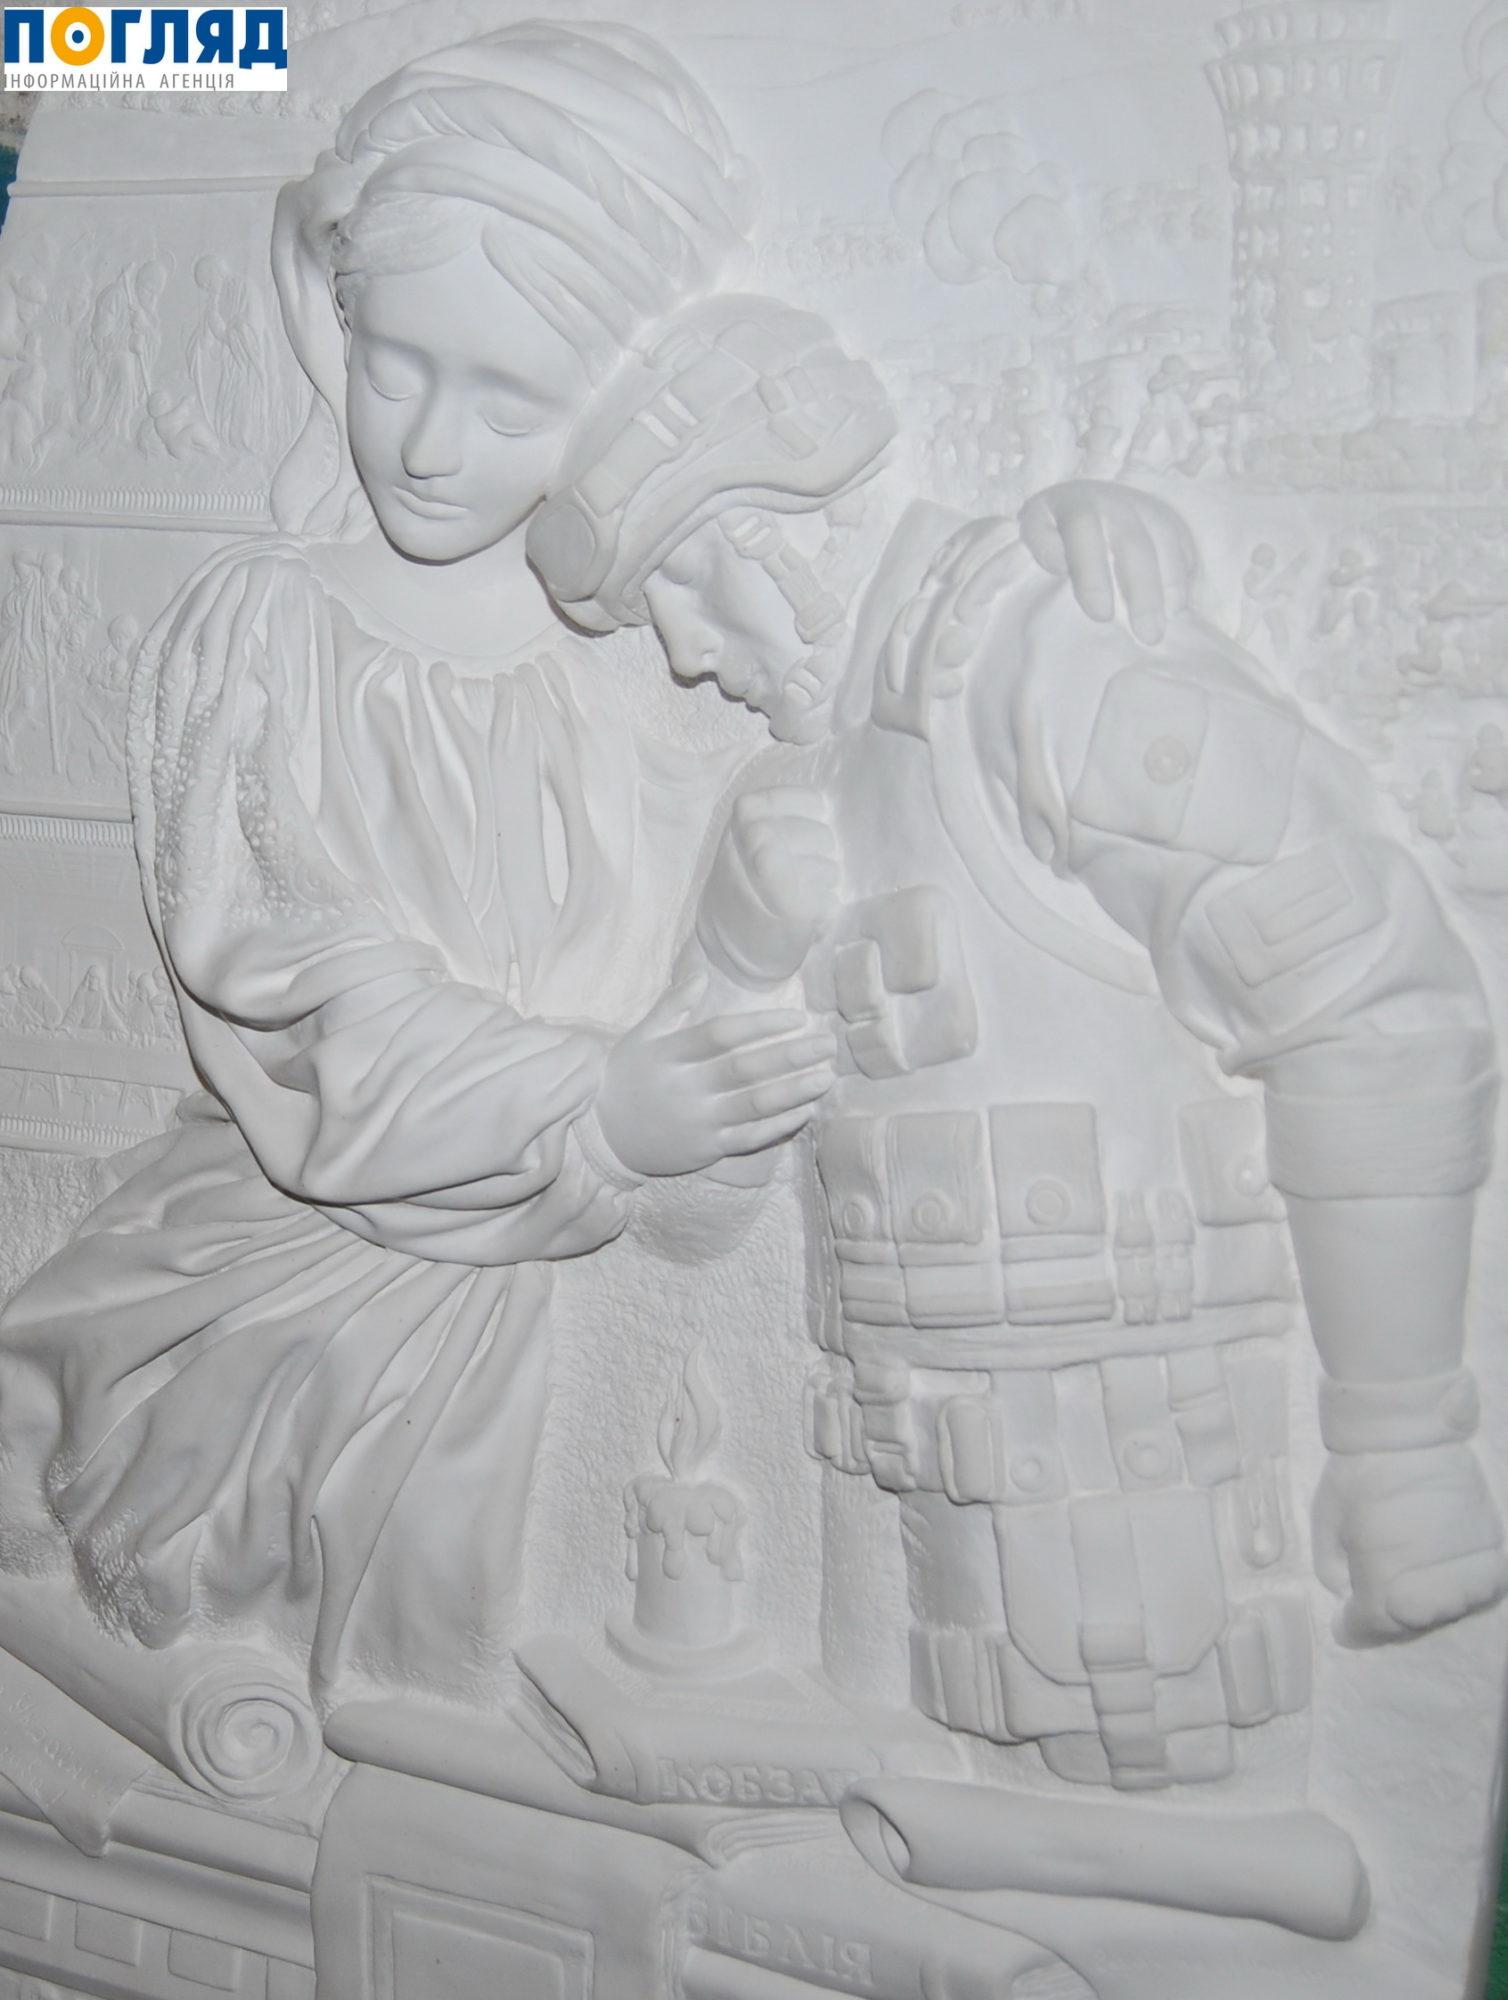 Проект «Ікона пам'яті» у Василькові святкує 4-ту річницю (анонс) -  - 000DSC 0357 1508x2000